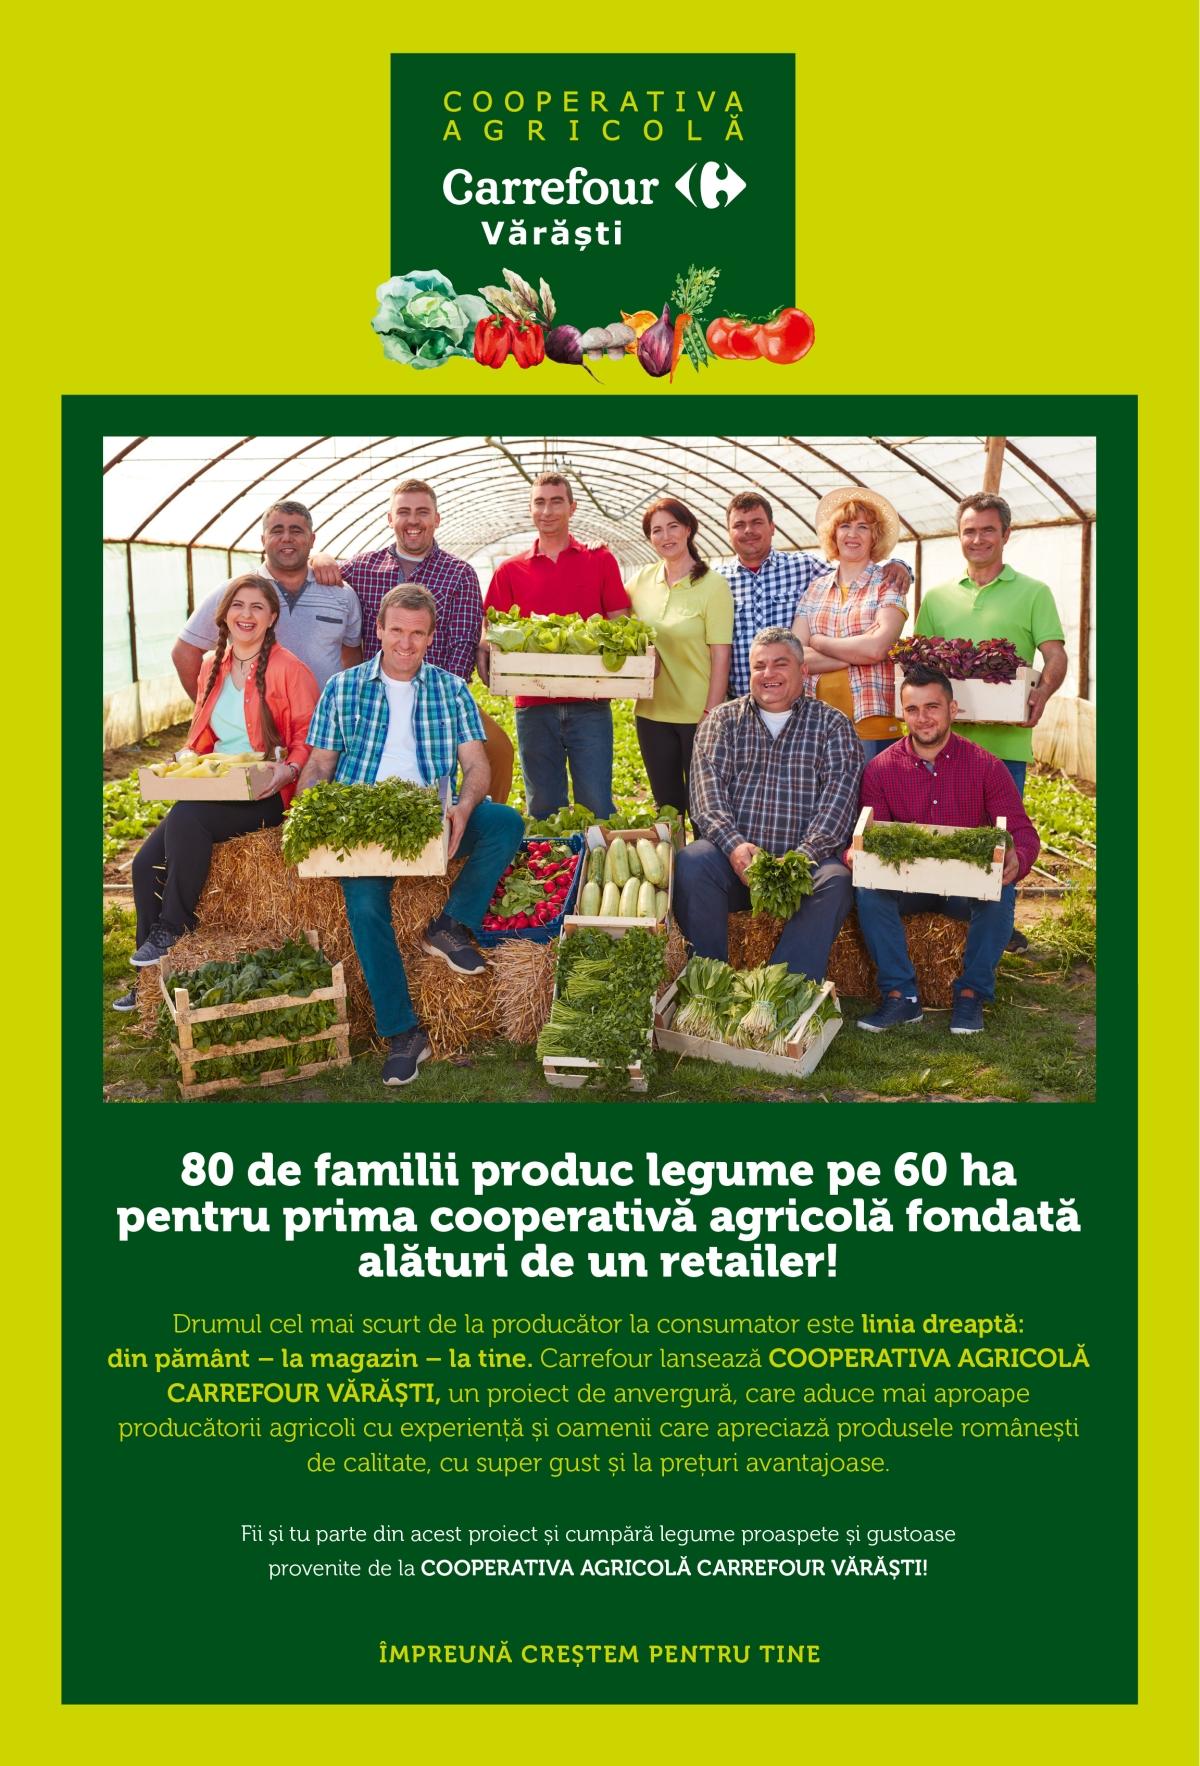 Grupul Carrefour lansează Cooperativa Agricolă Carrefour Vărăști și scurtează drumul de la producătorii români la clienți